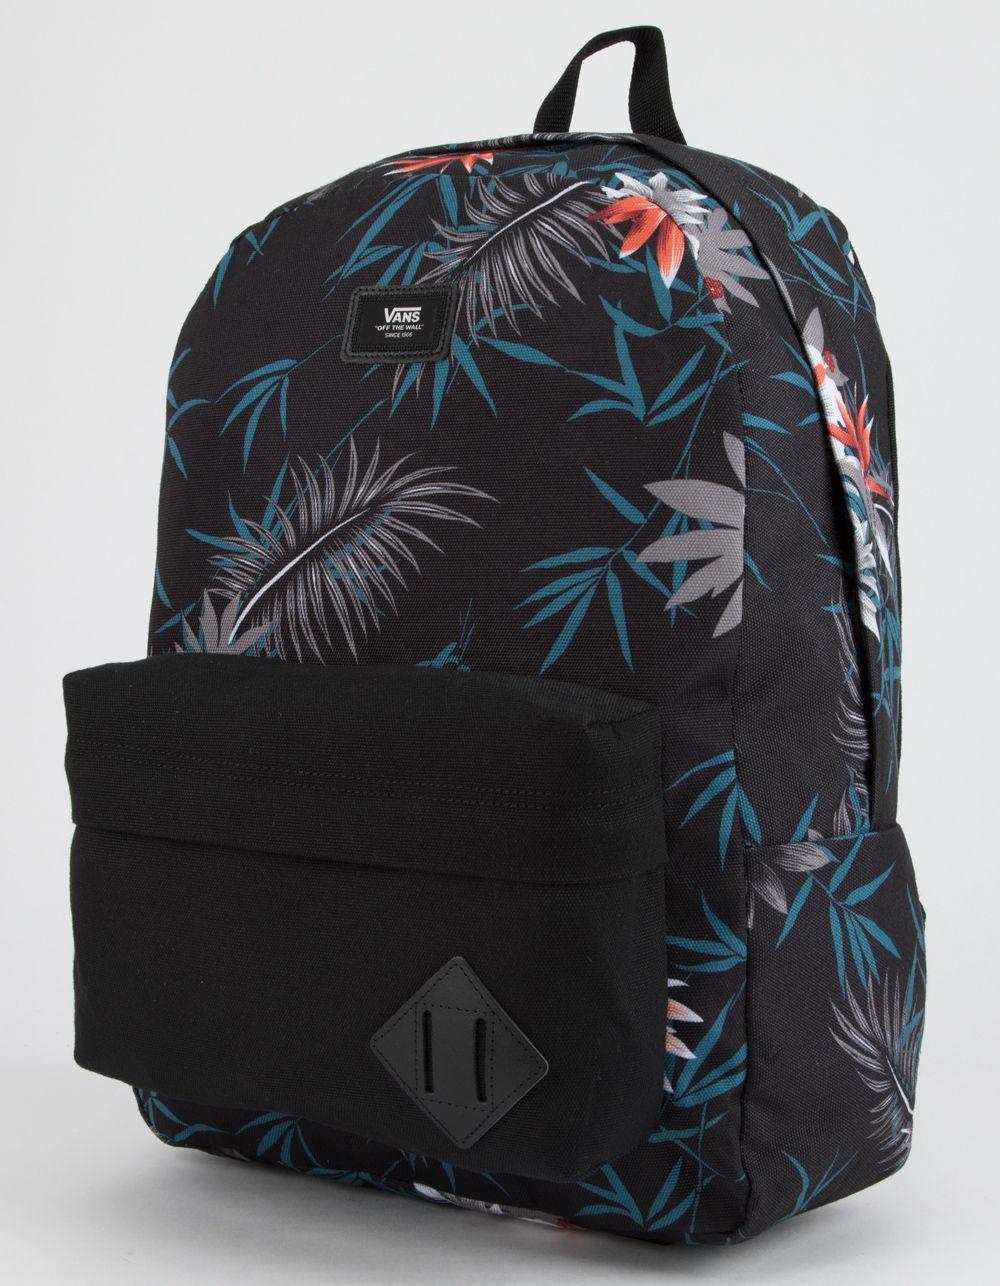 Lyst - Vans Old Skool Ii Peace Out Floral Backpack in Black 6b27be234